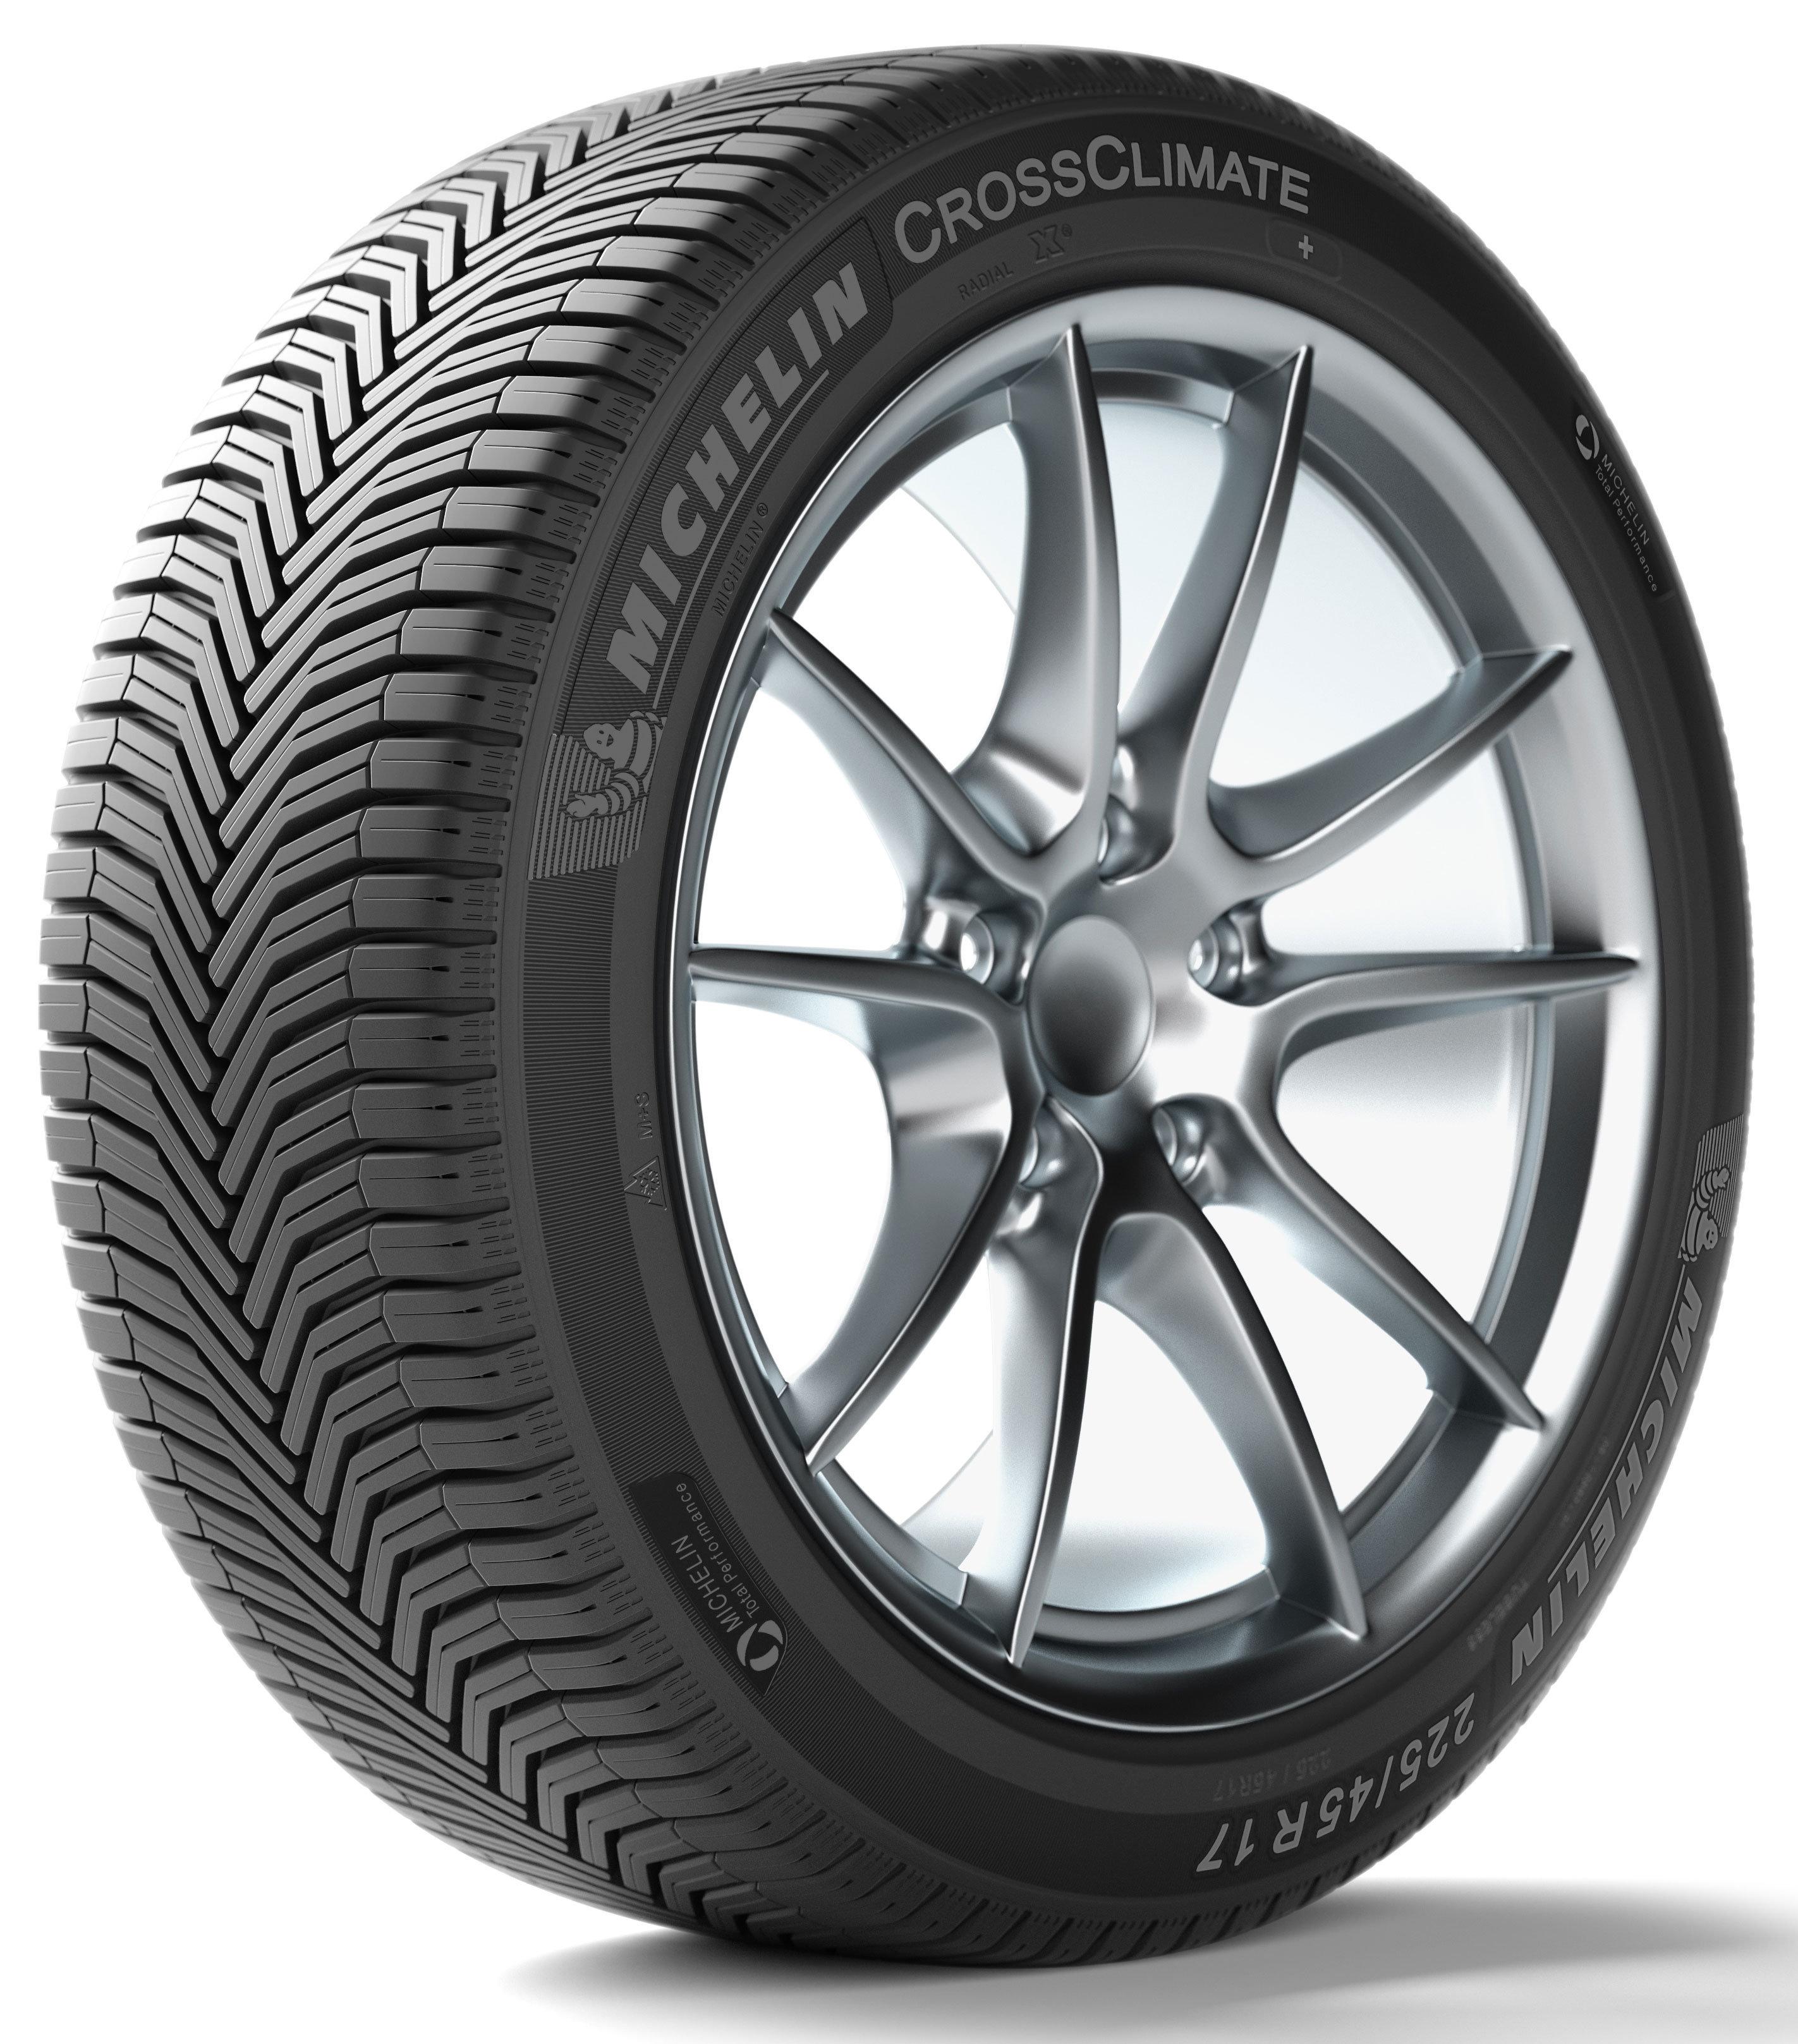 Neumático MICHELIN CROSS CLIMATE+ 205/55R16 94 V